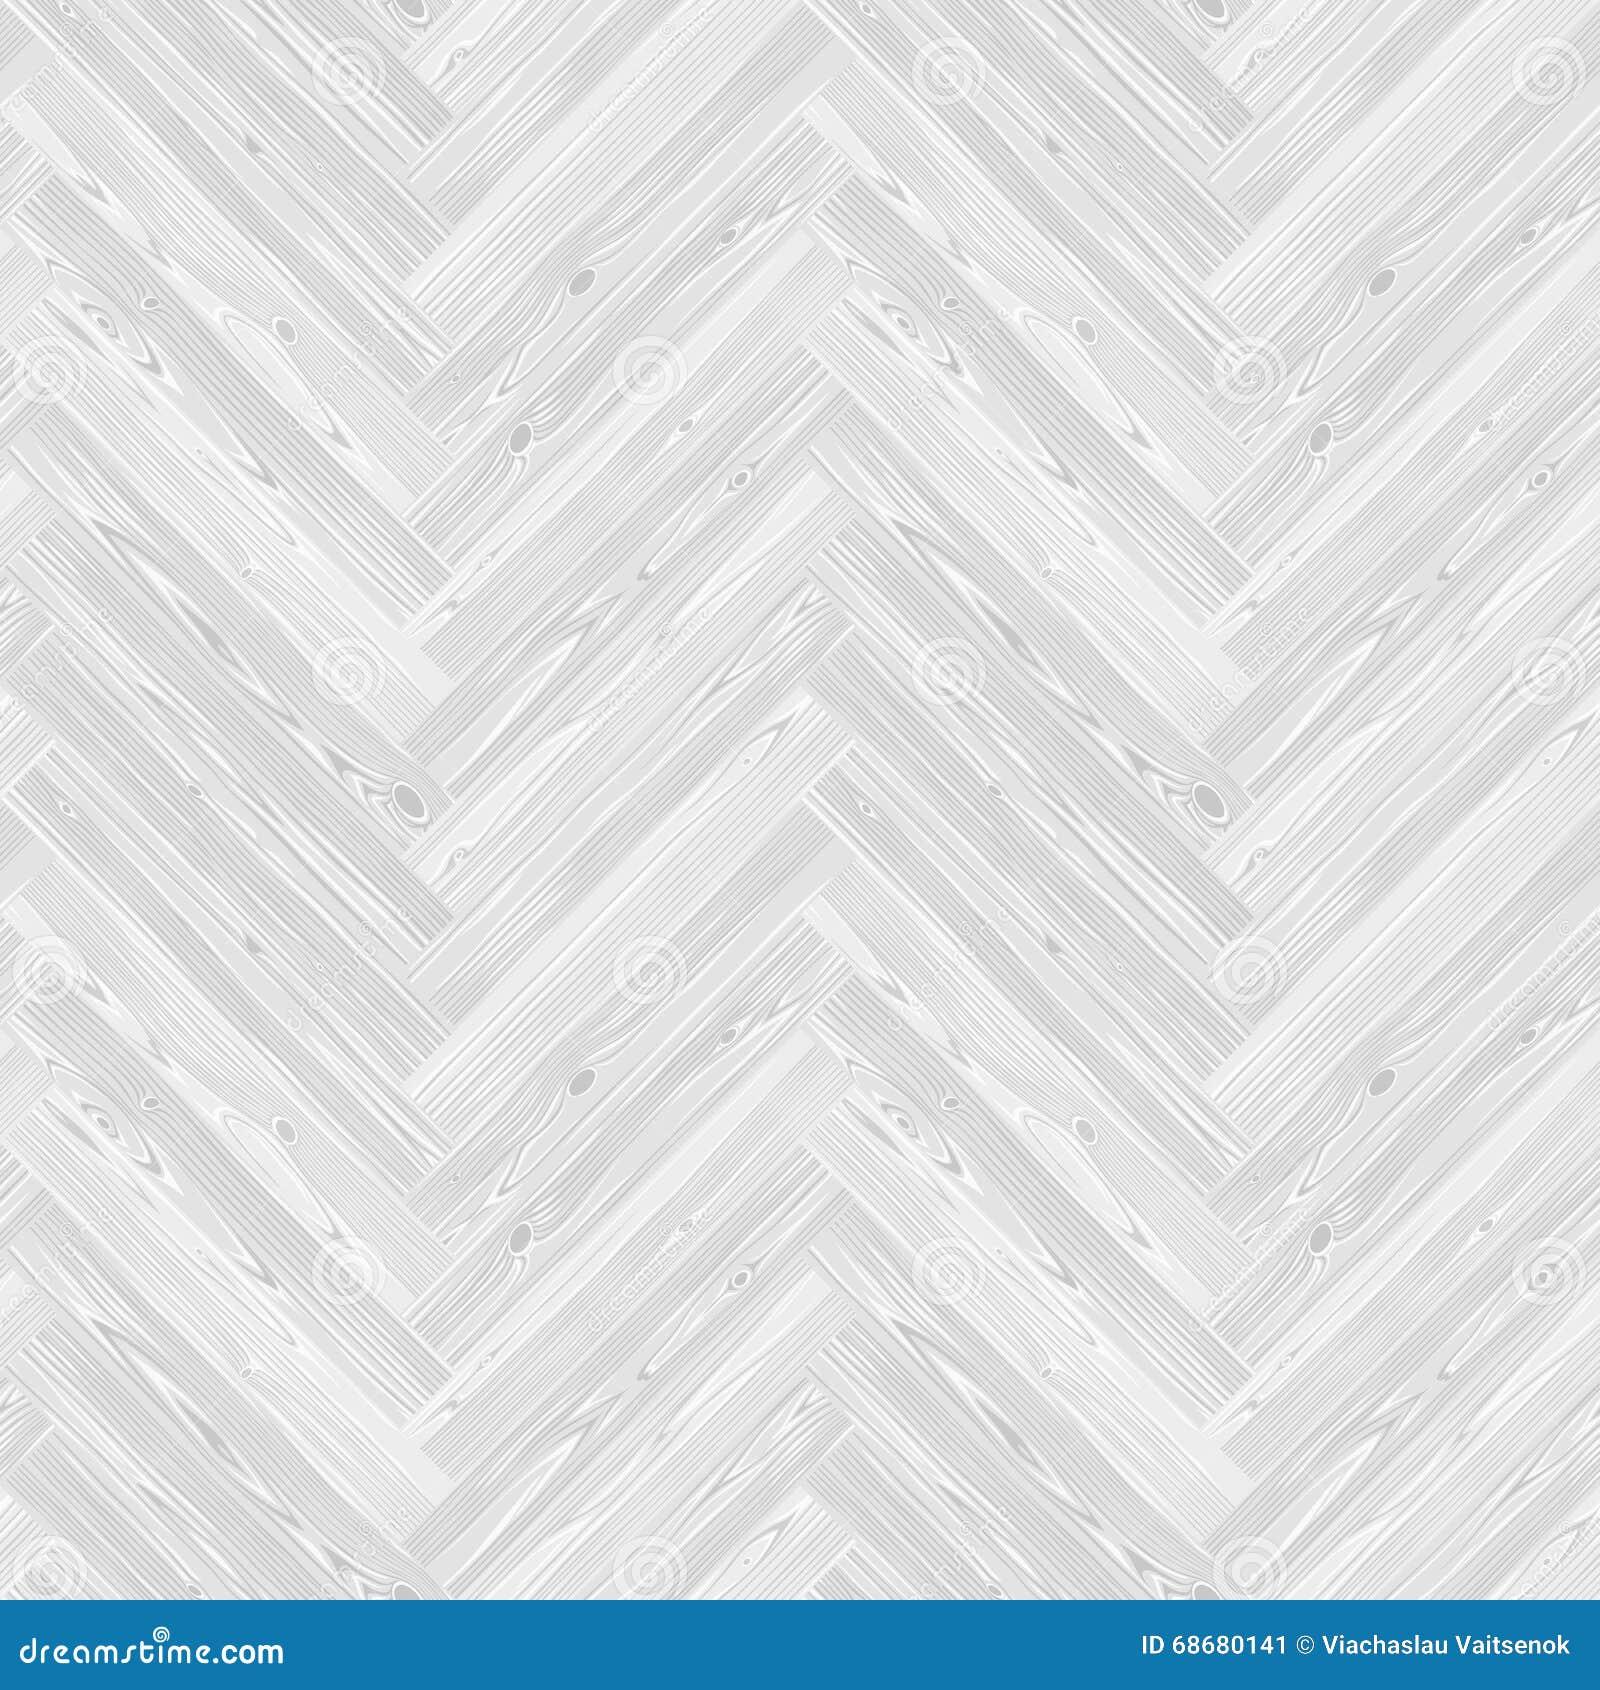 Weißer Parkettboden weißer fischgrätenmuster parkettboden nahtloses muster vektor